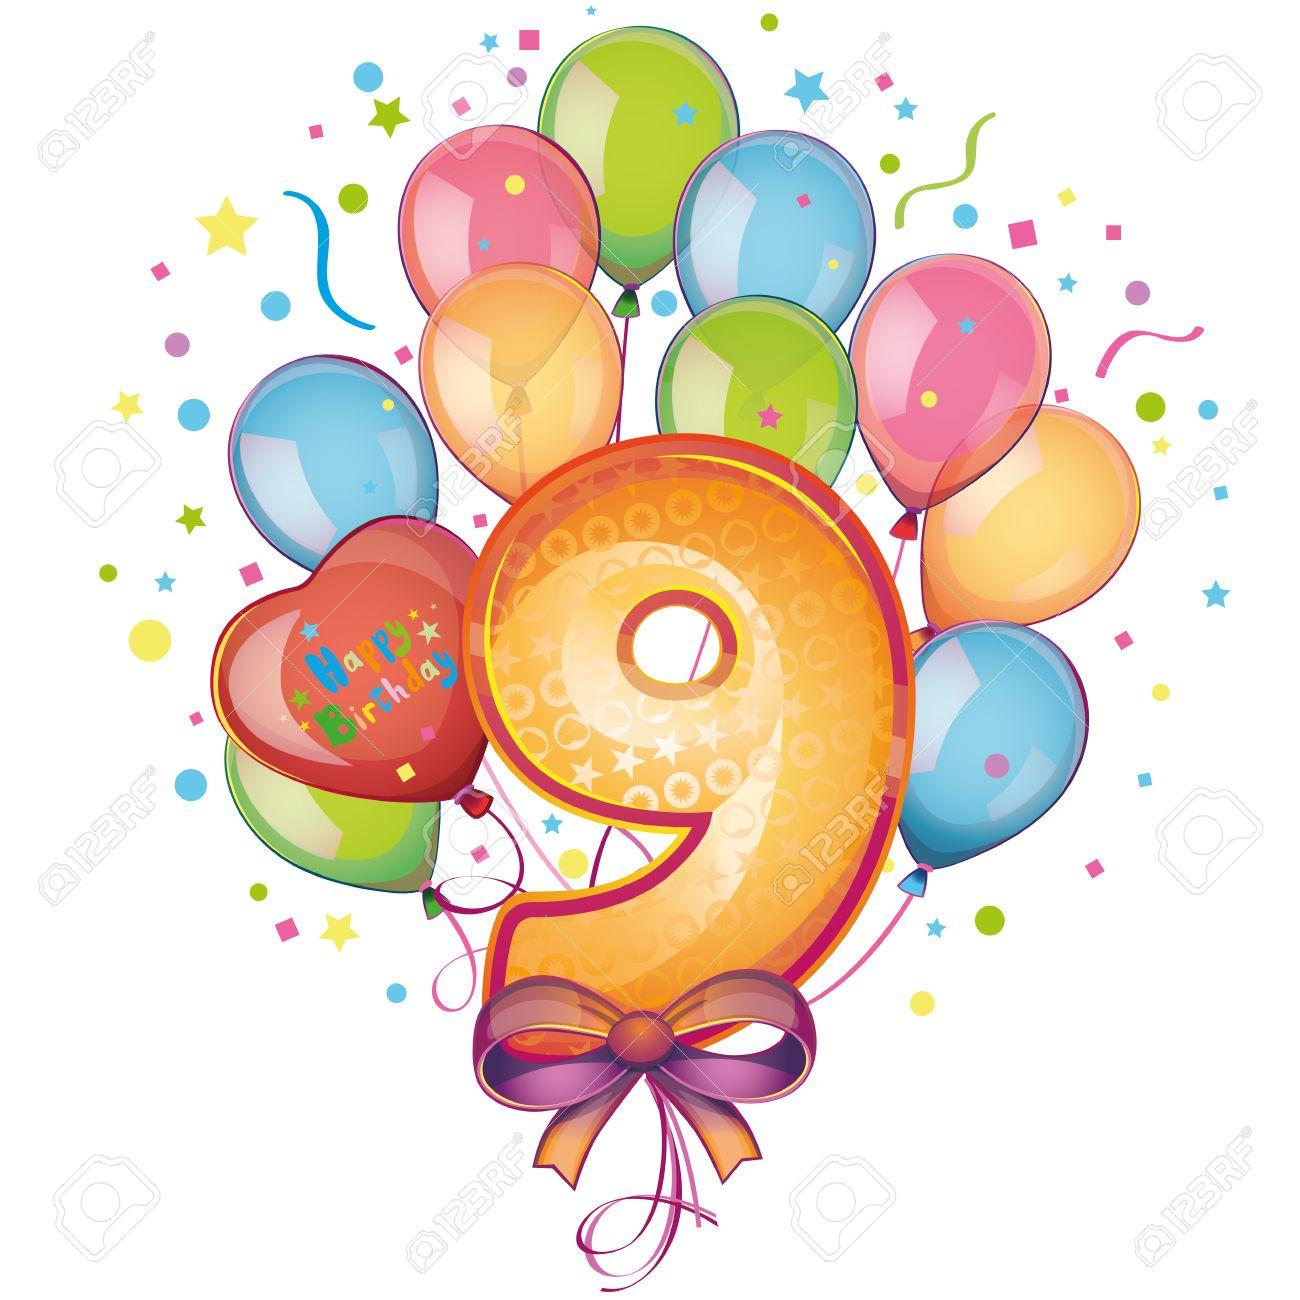 1300x1300 9 Happy Birthday Balloons Royalty Free Cliparts, Vectors,